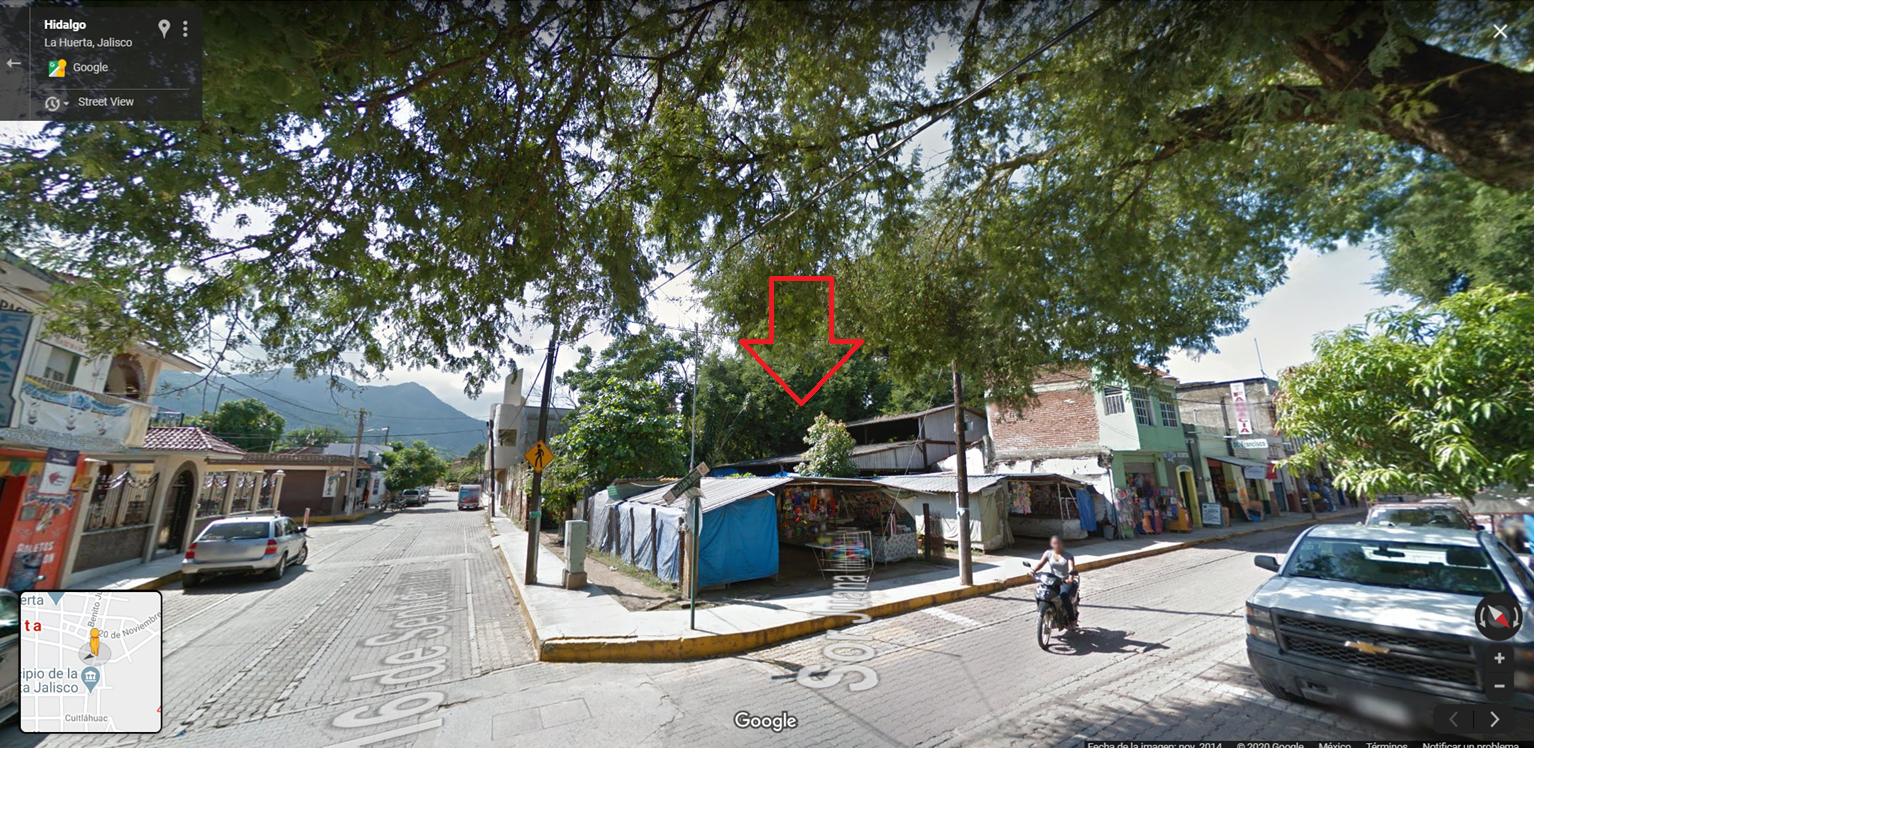 La Huerta, Hidalgo 23 Esq. Sor Juana Inés, Municipio de la Huerta, Jalisco